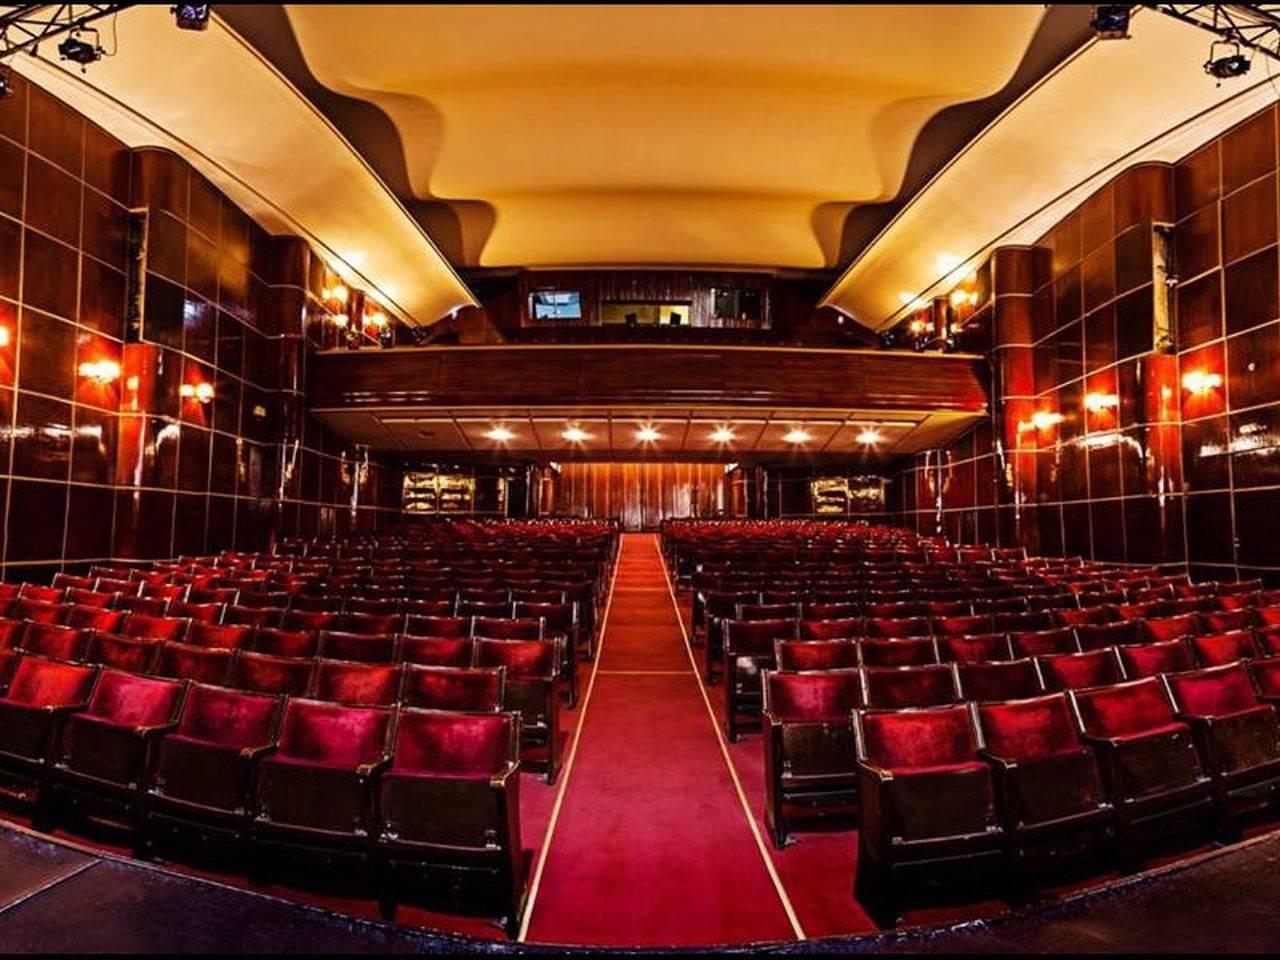 Ministerul Culturii anunță noi restricții pentru cinematografe, sălile de concerte și sălile de spectacole